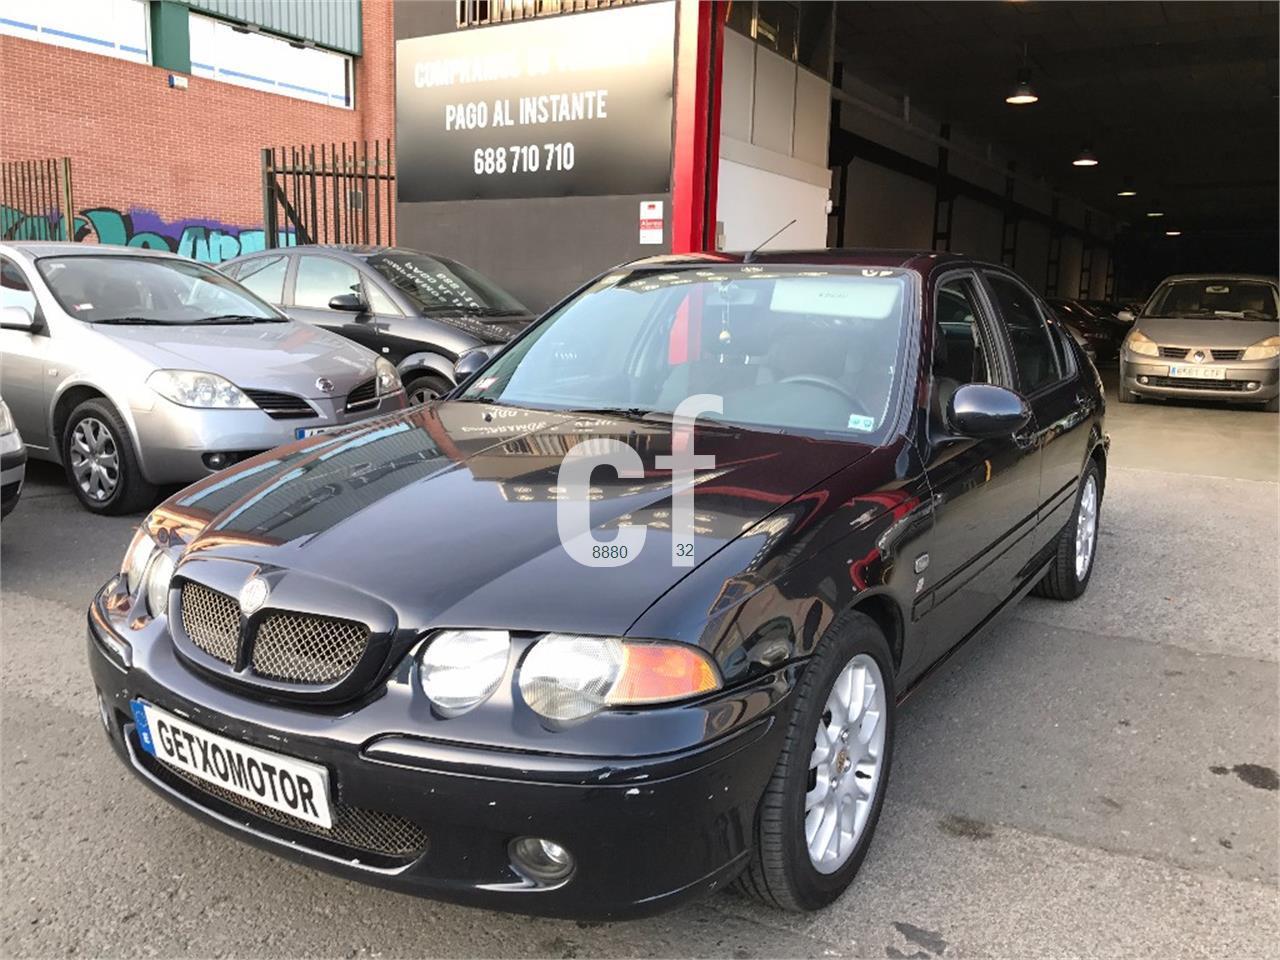 MG ZS de venta de venta por 2790